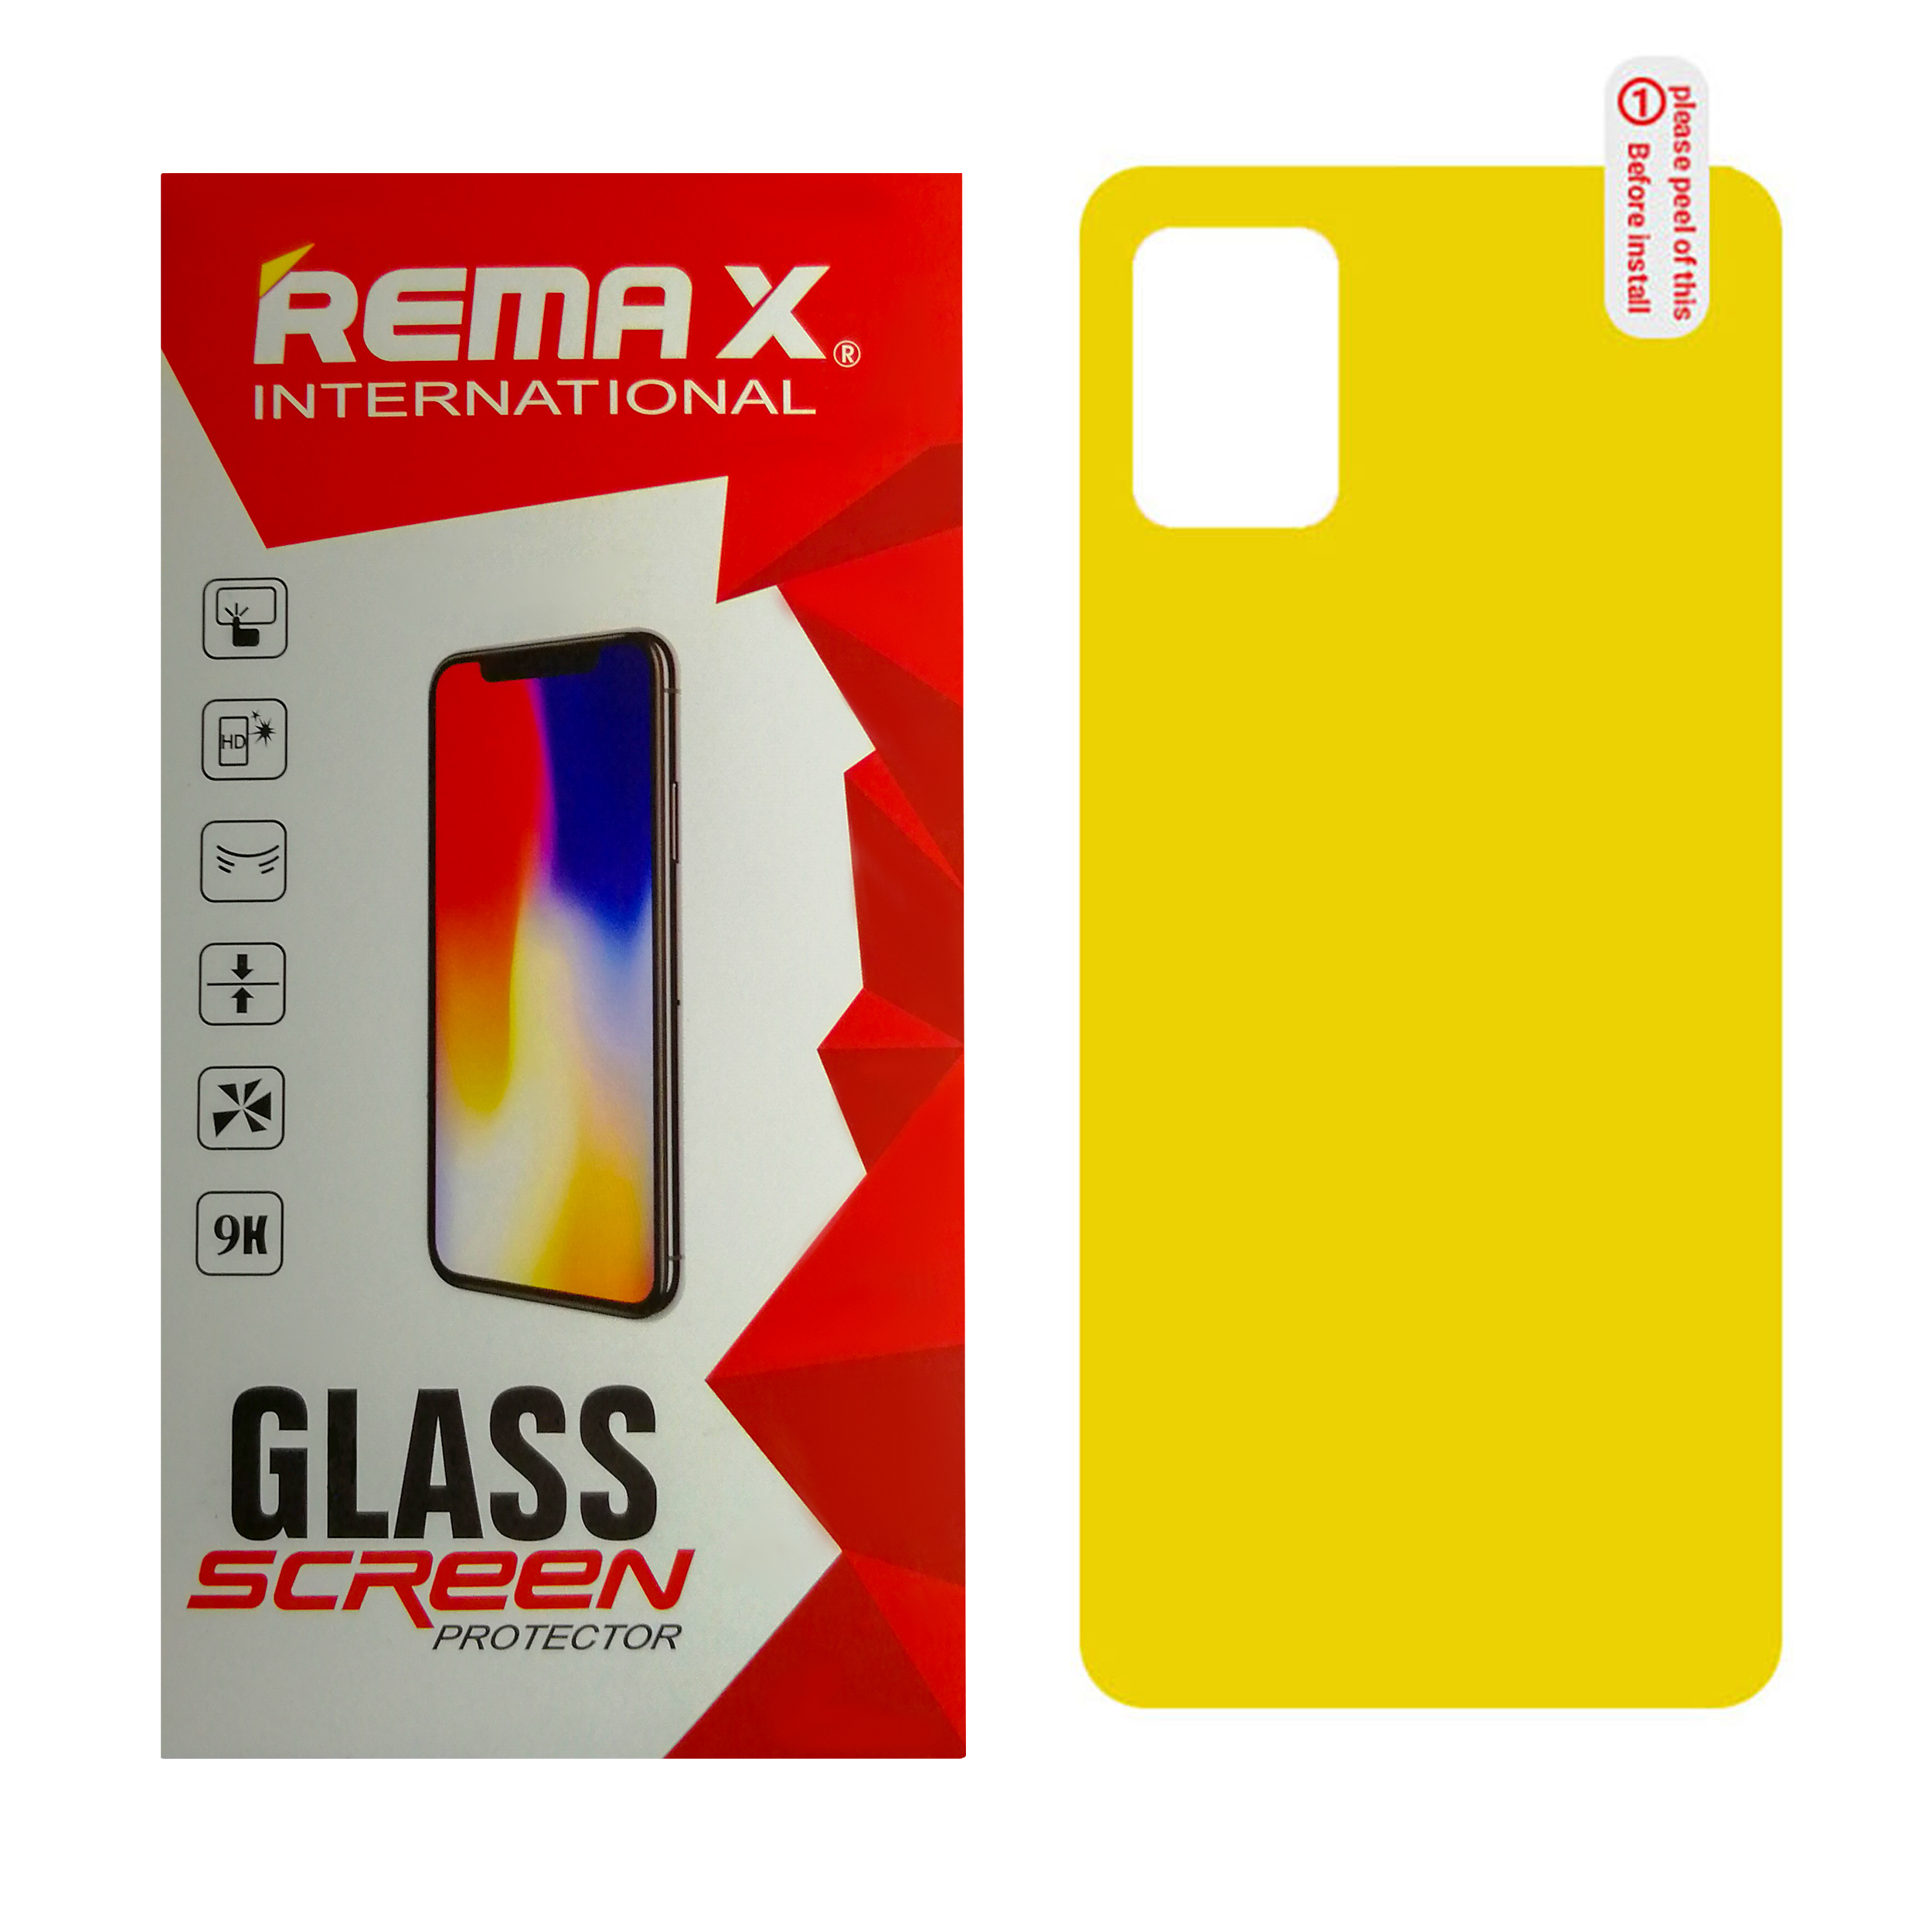 محافظ پشت گوشی مدل GS-5 مناسب برای گوشی موبایل سامسونگ Galaxy A51              ( قیمت و خرید)